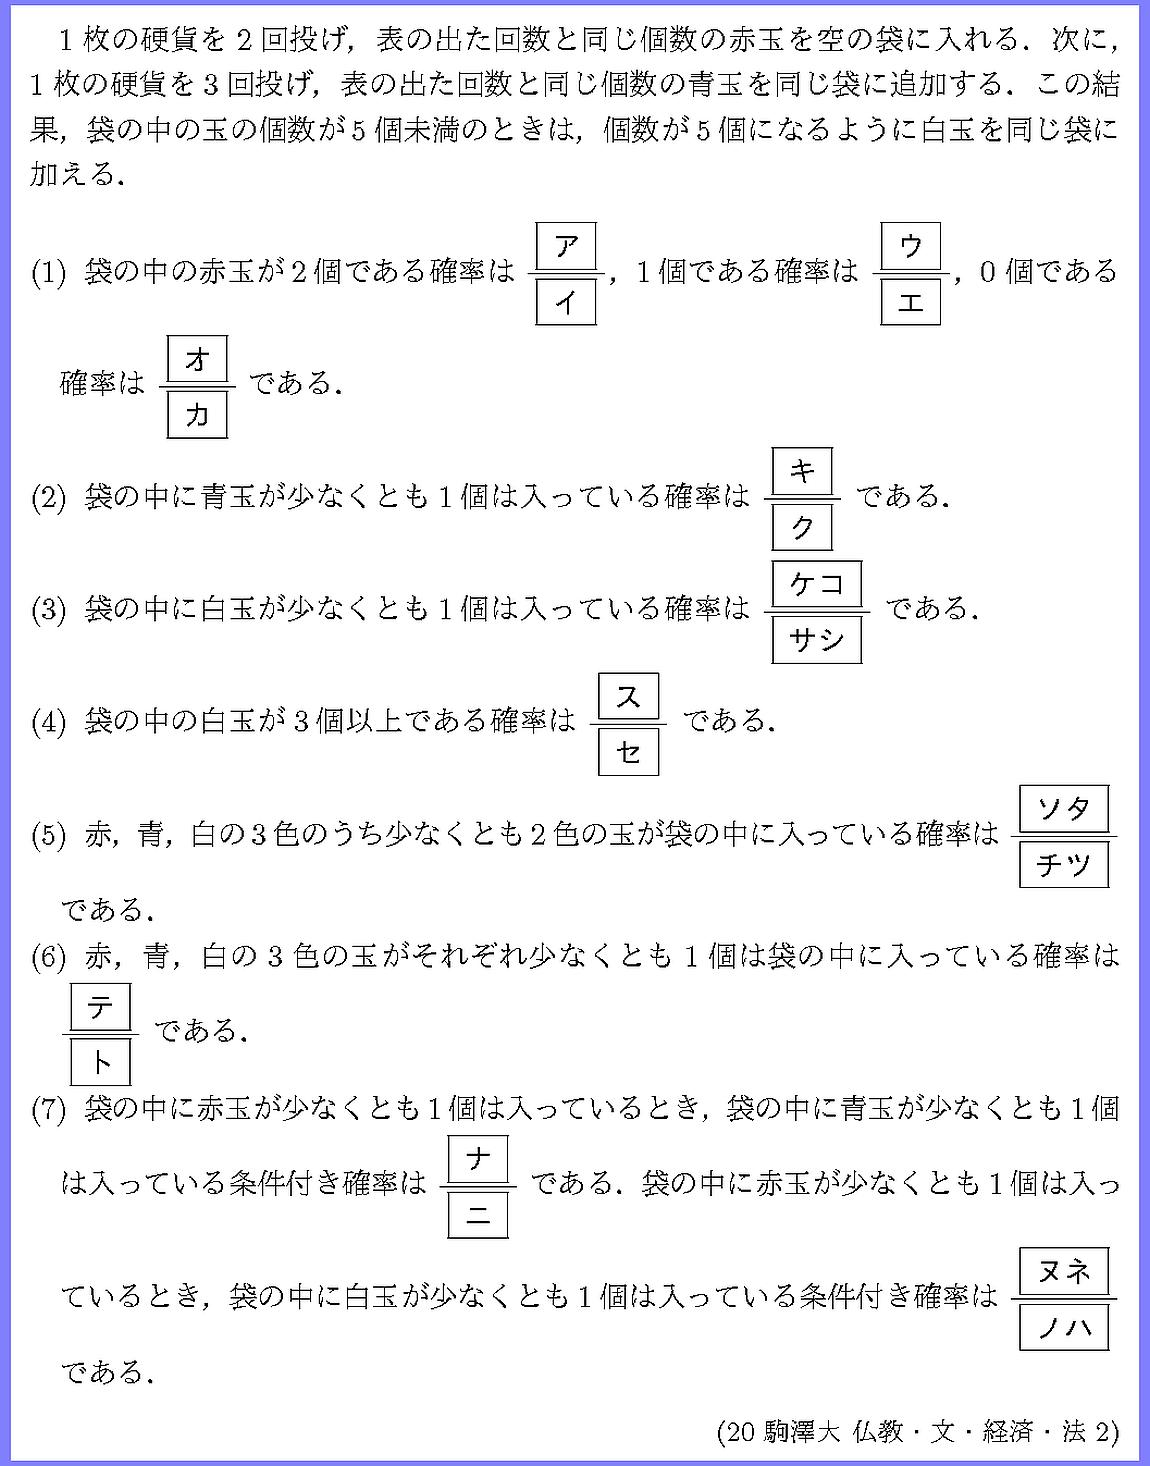 20駒澤大・仏教・文・経済・法2